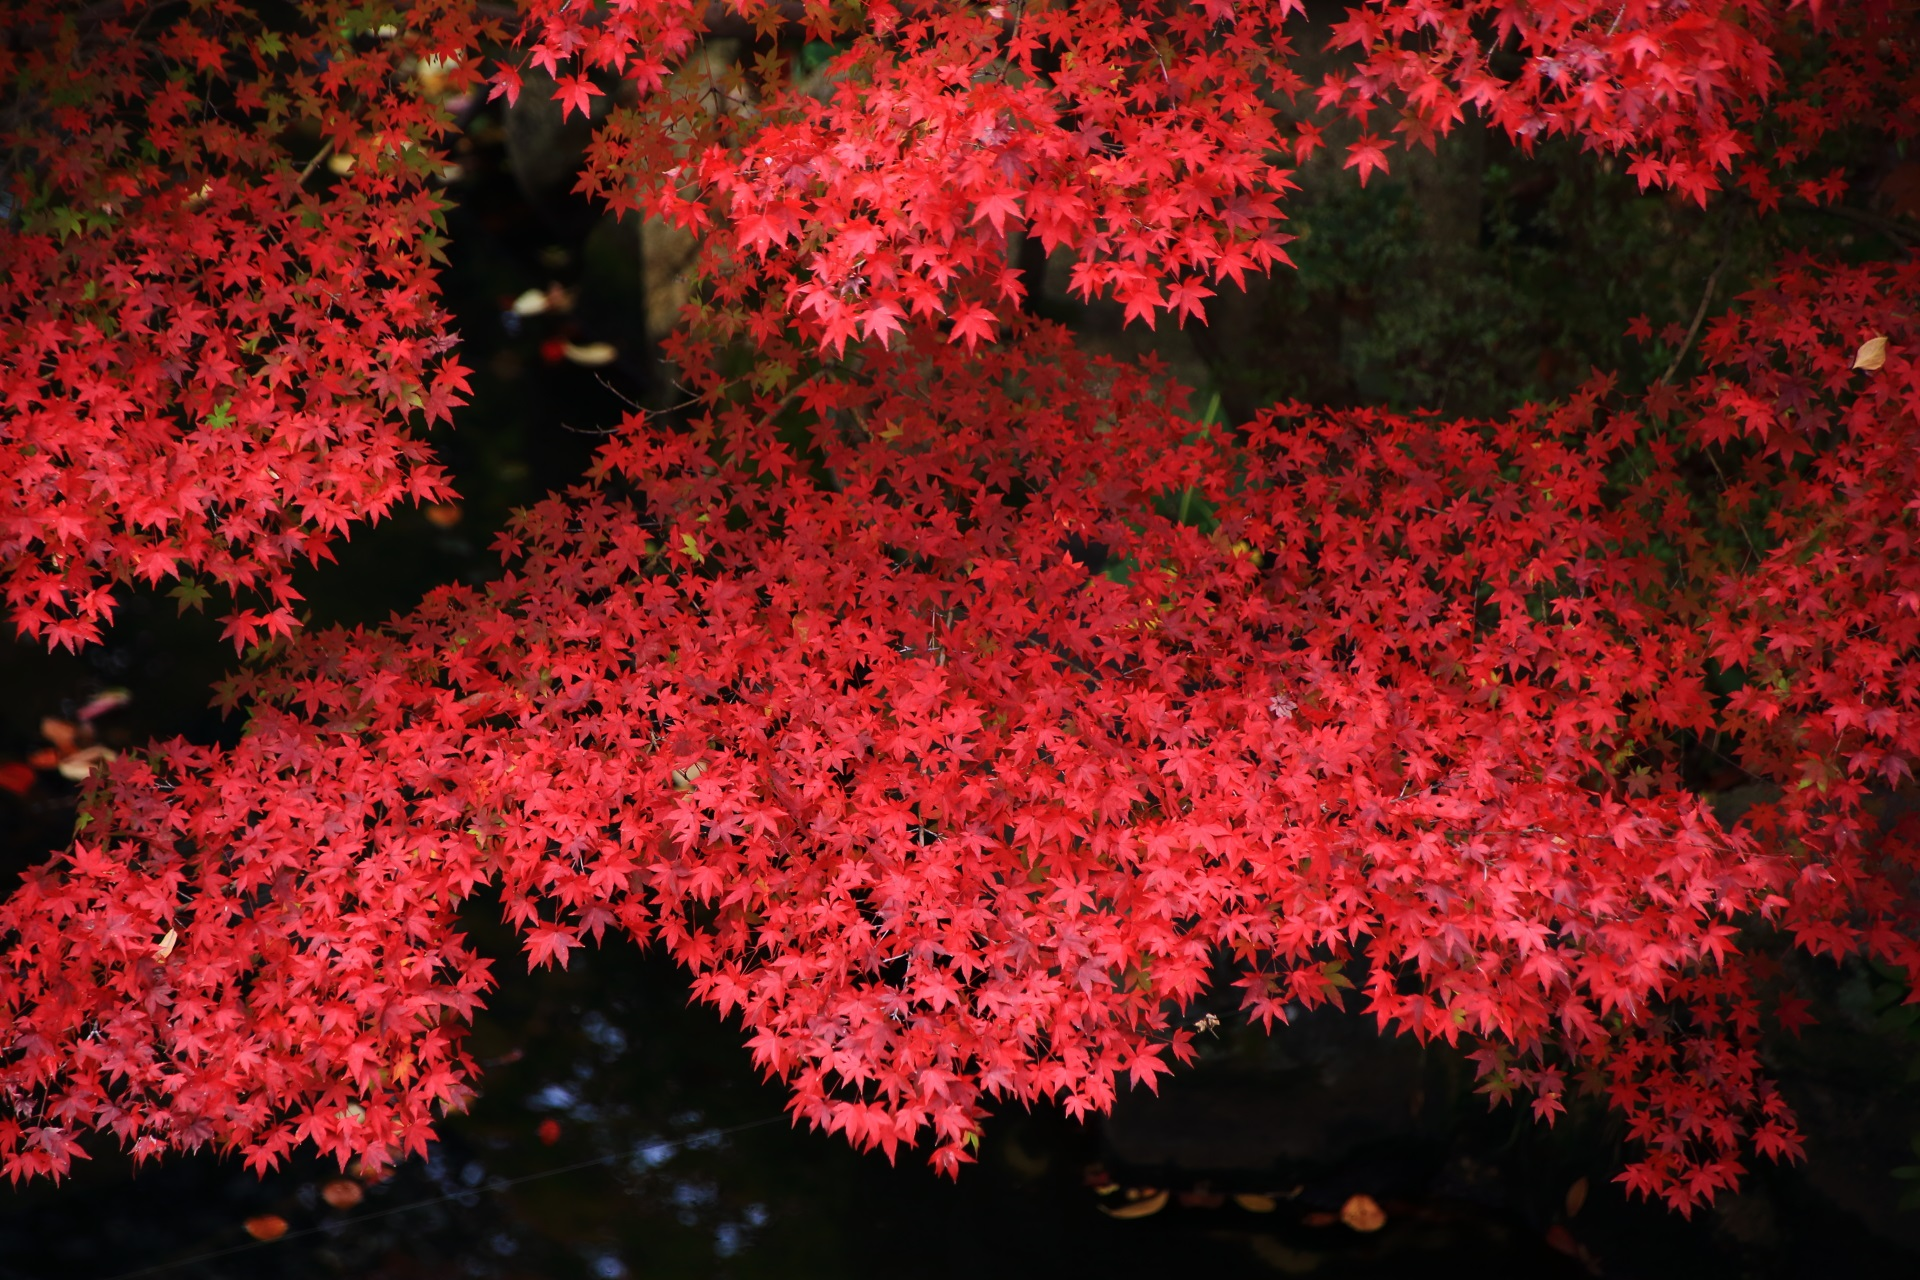 大谷本廟の葉っぱの状態が良い生き生きとした真っ赤な紅葉